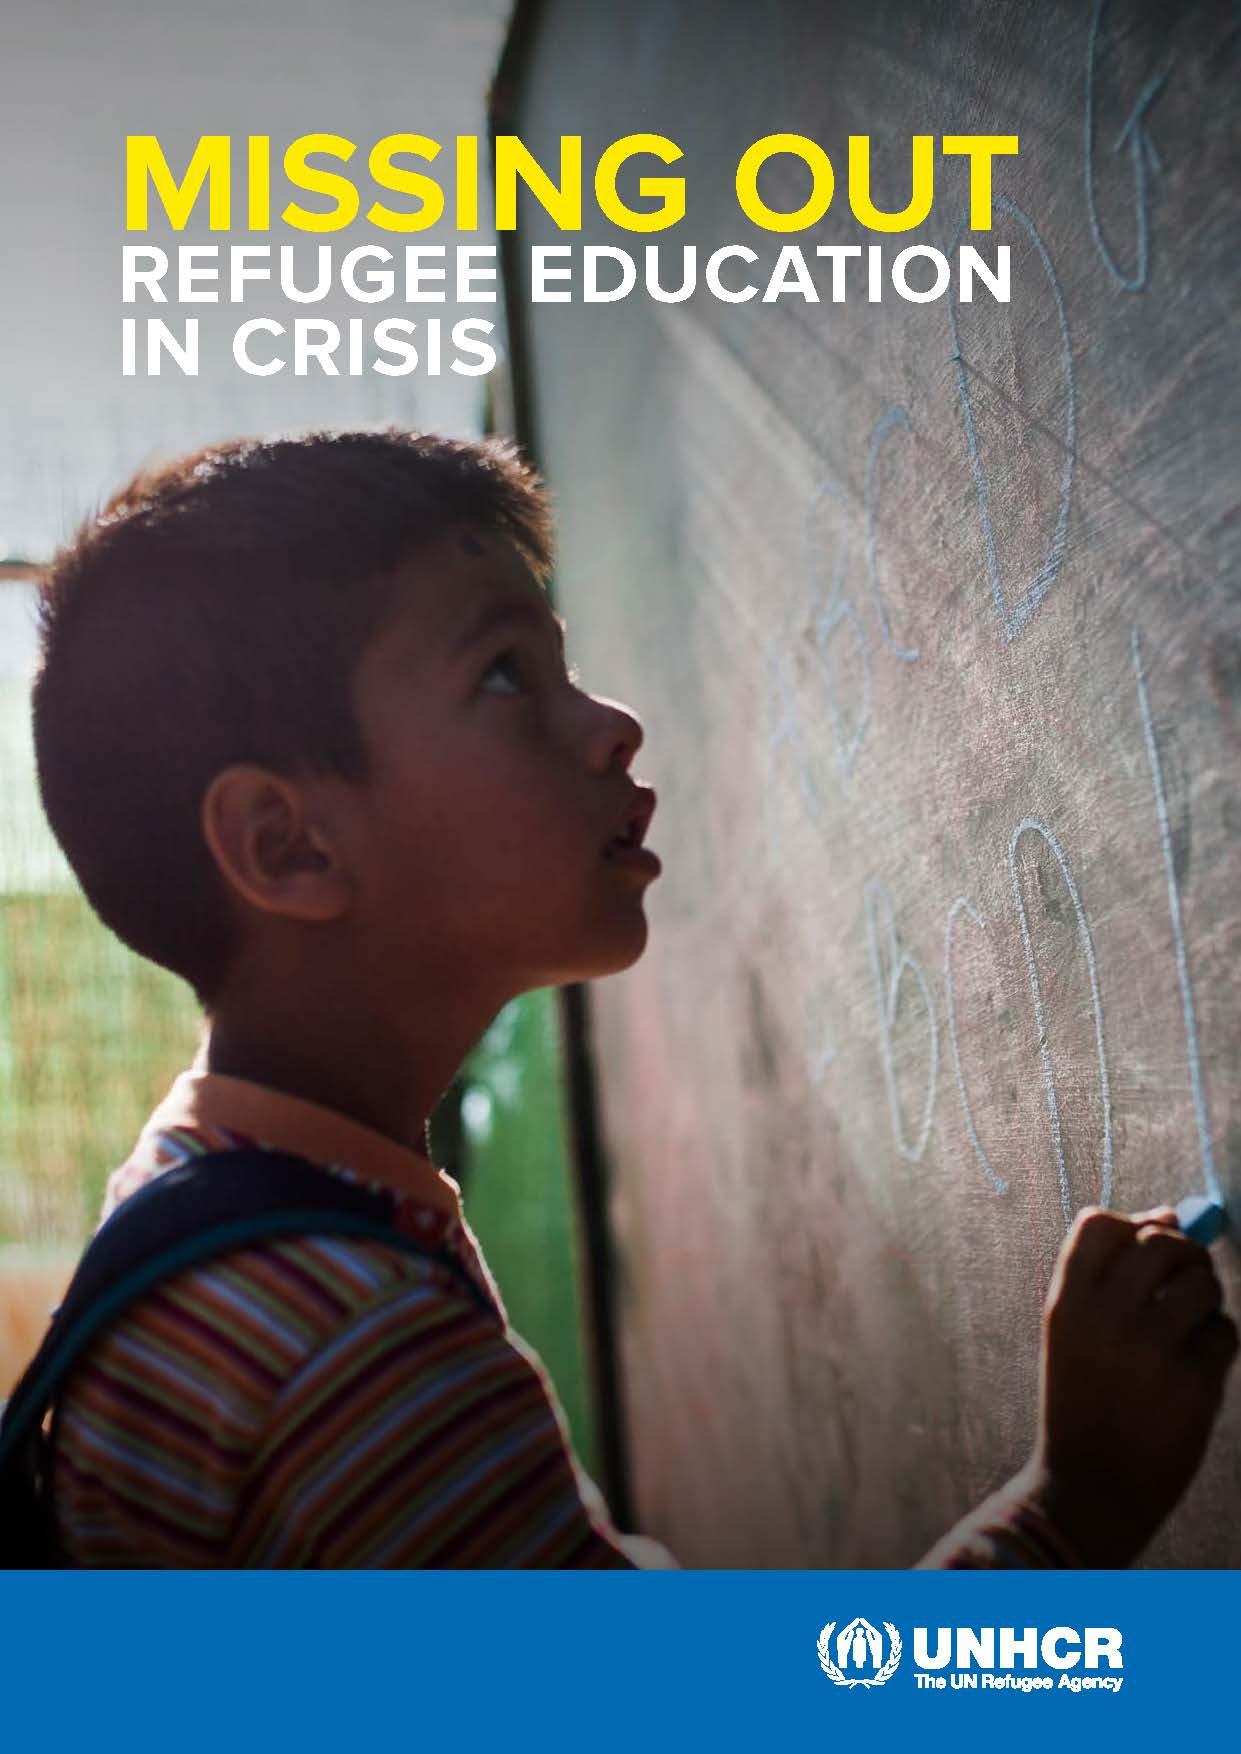 ACNUR: La educación de los refugiados está en crisis